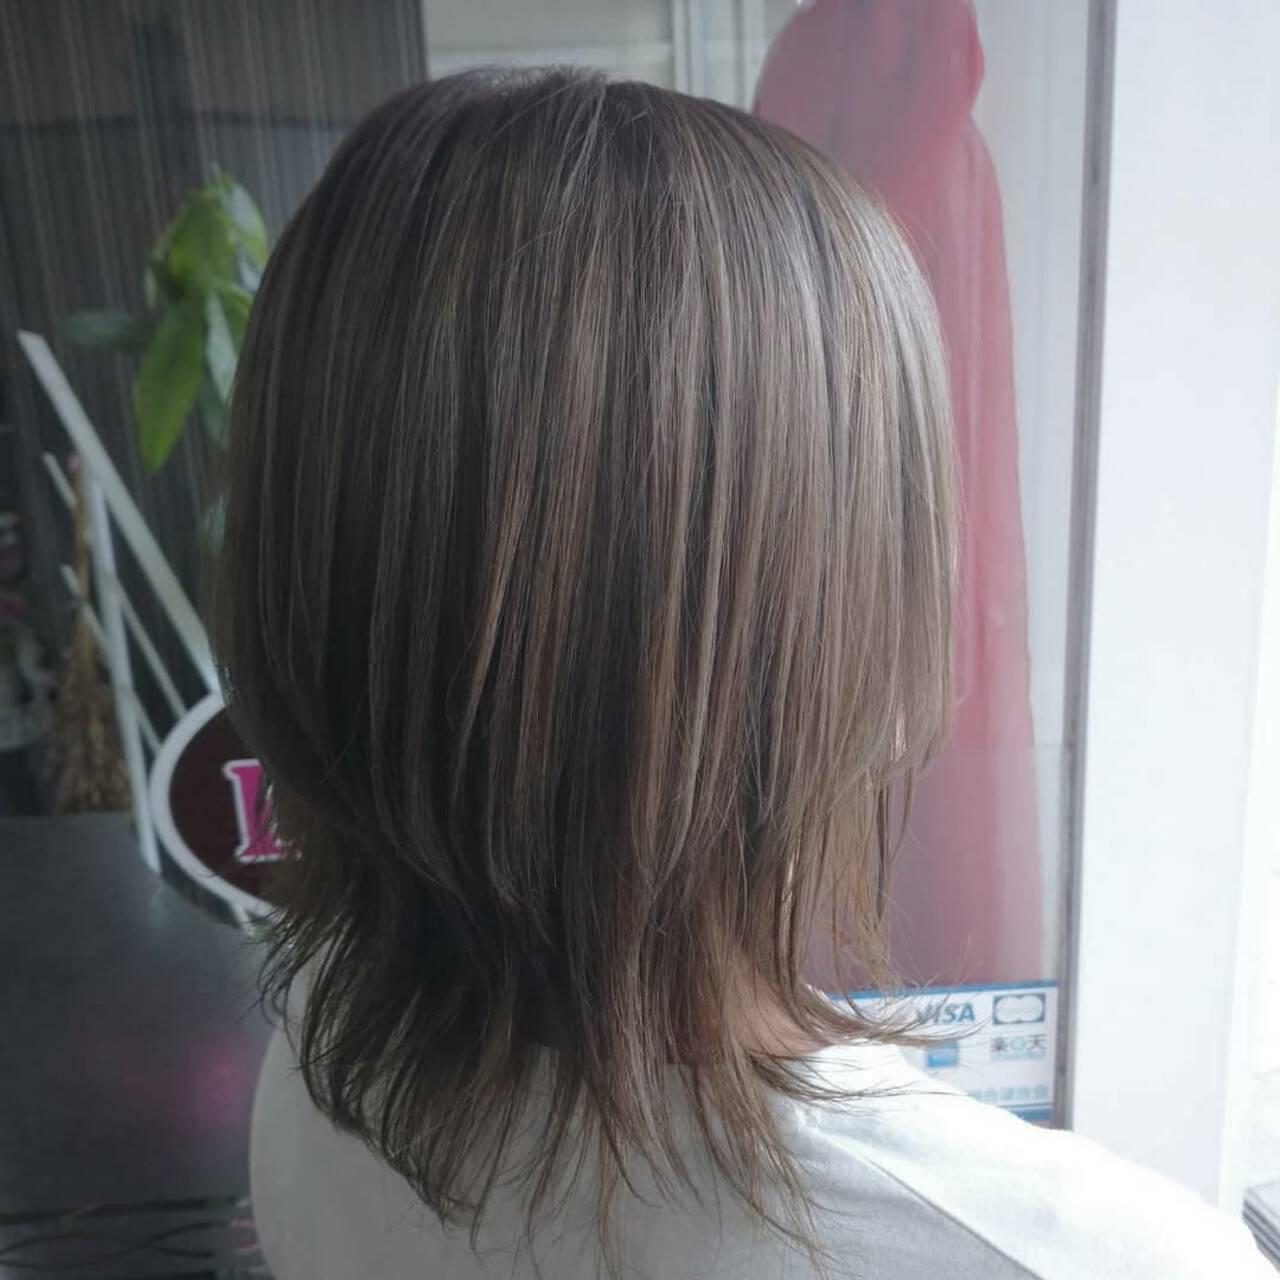 ウルフカット ミルクティーベージュ ミディアム ナチュラルヘアスタイルや髪型の写真・画像